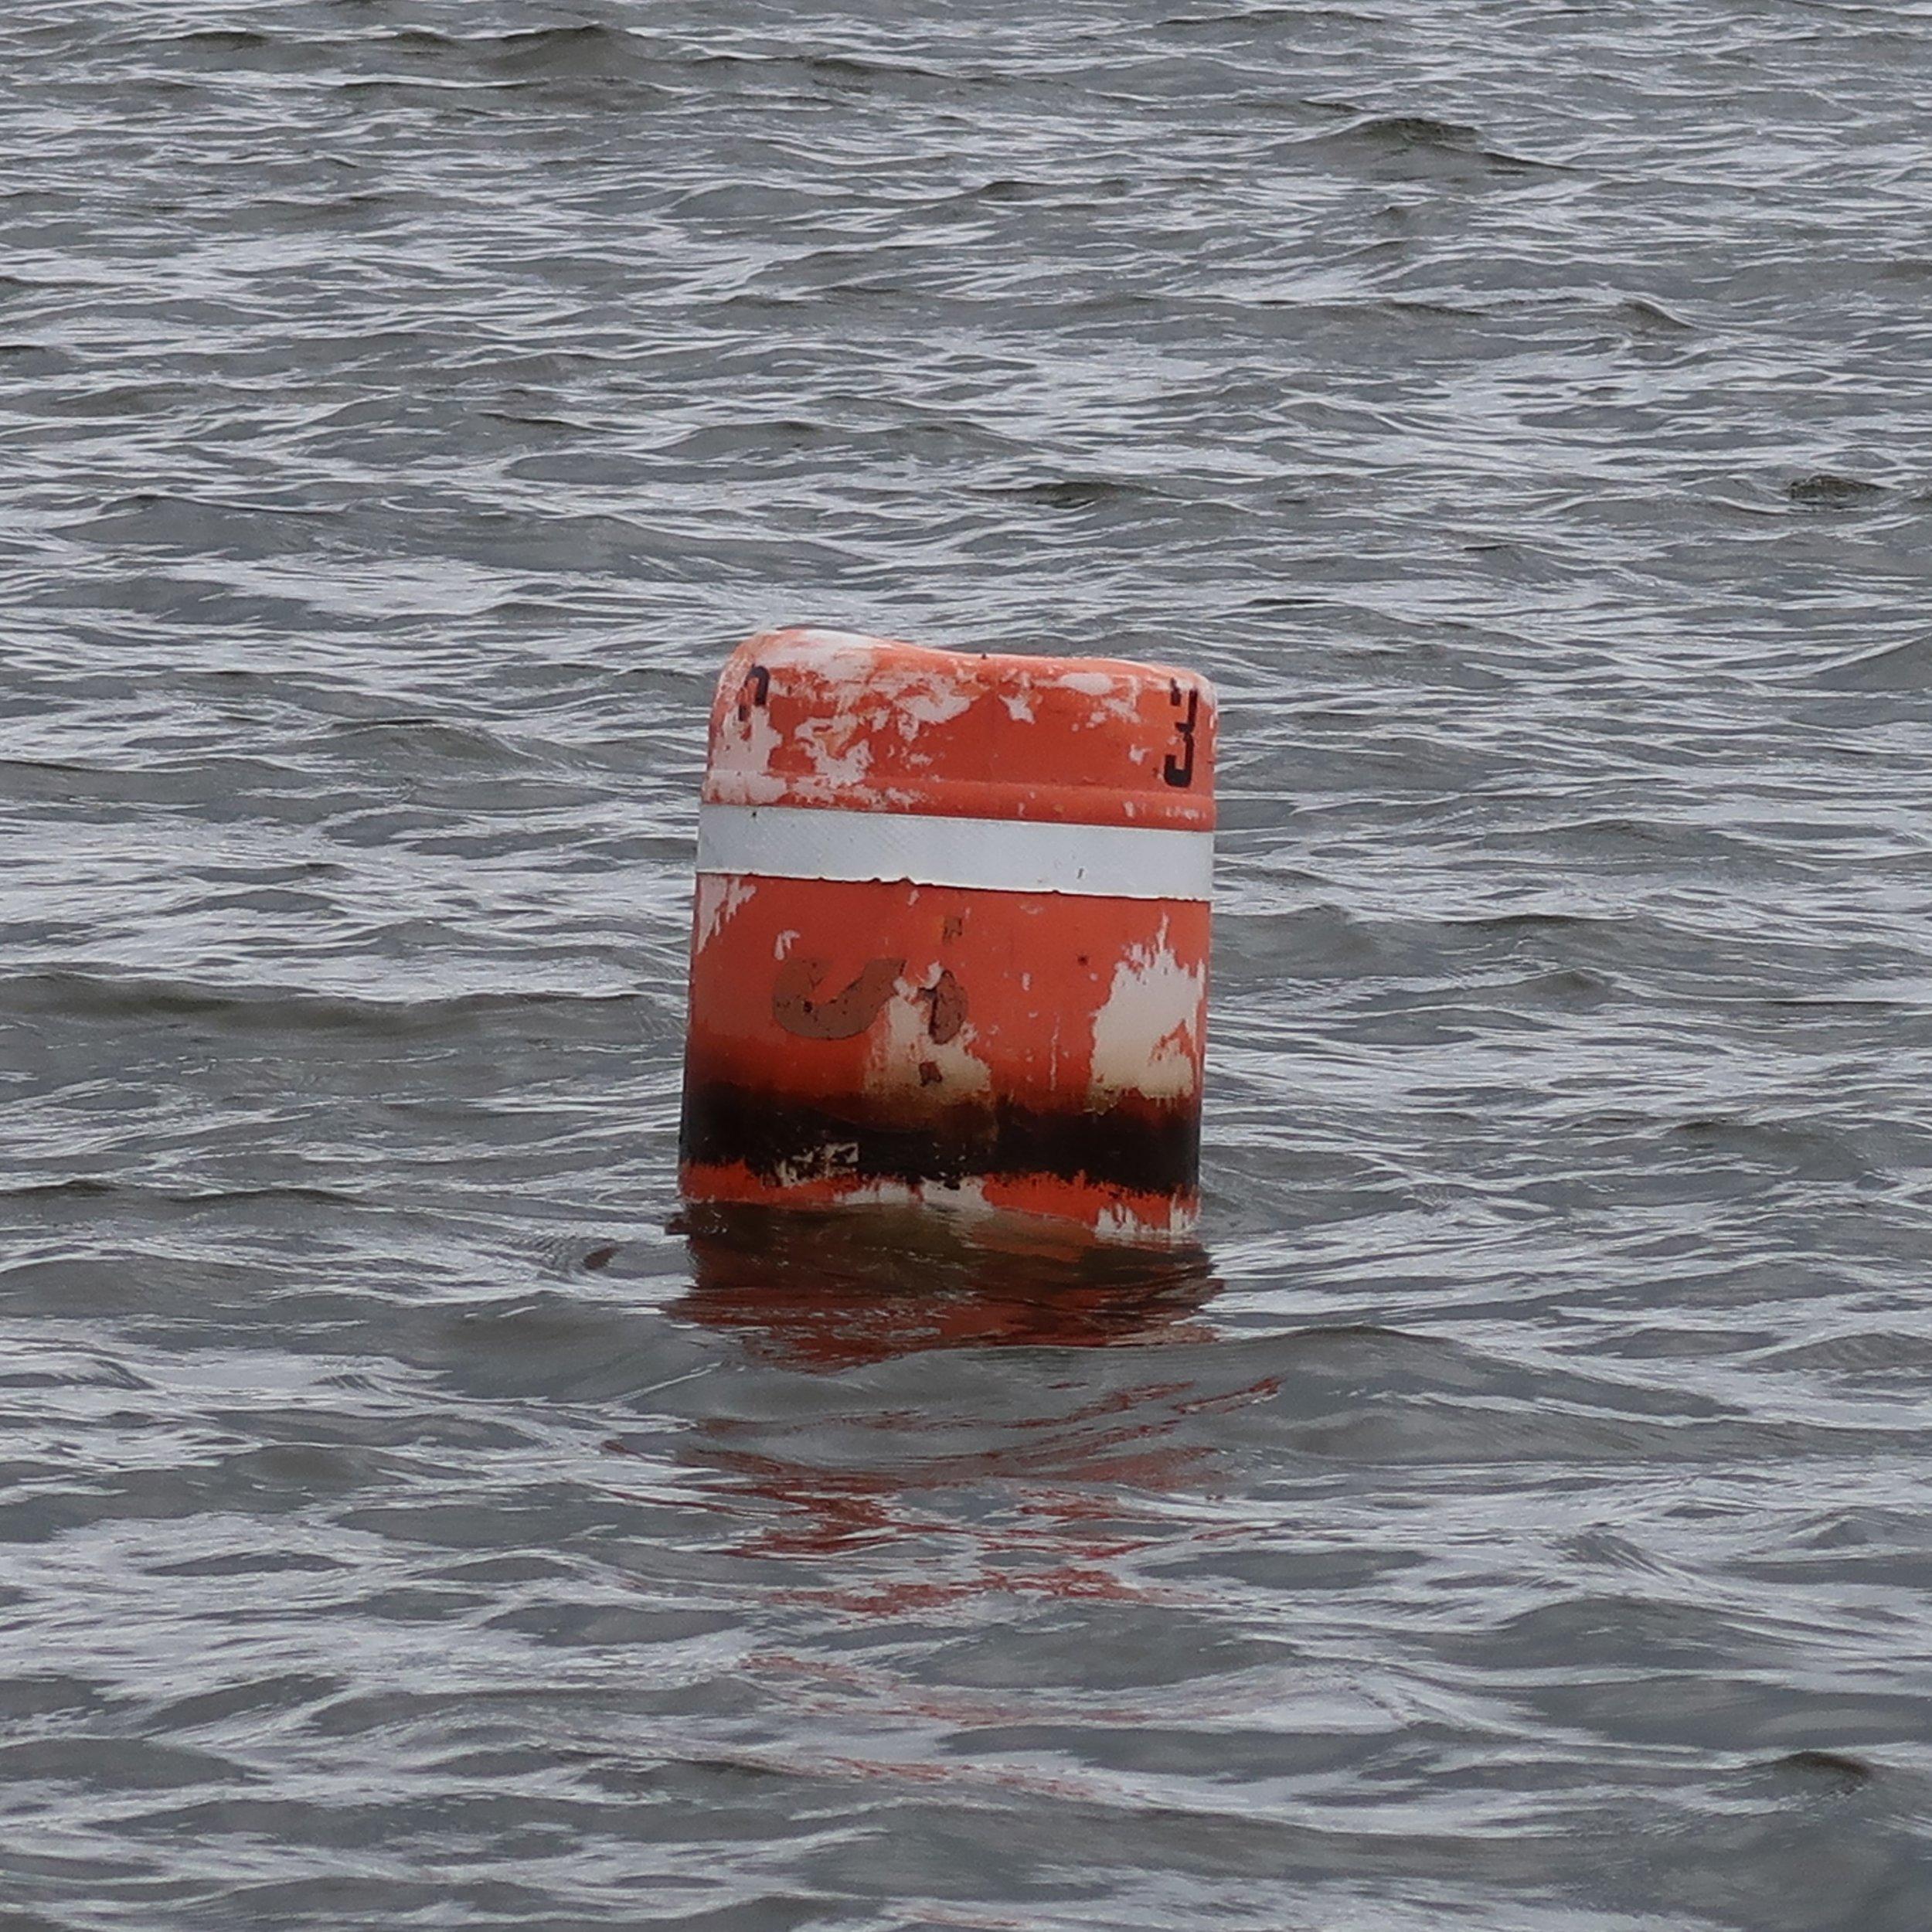 Buoy-3.jpg